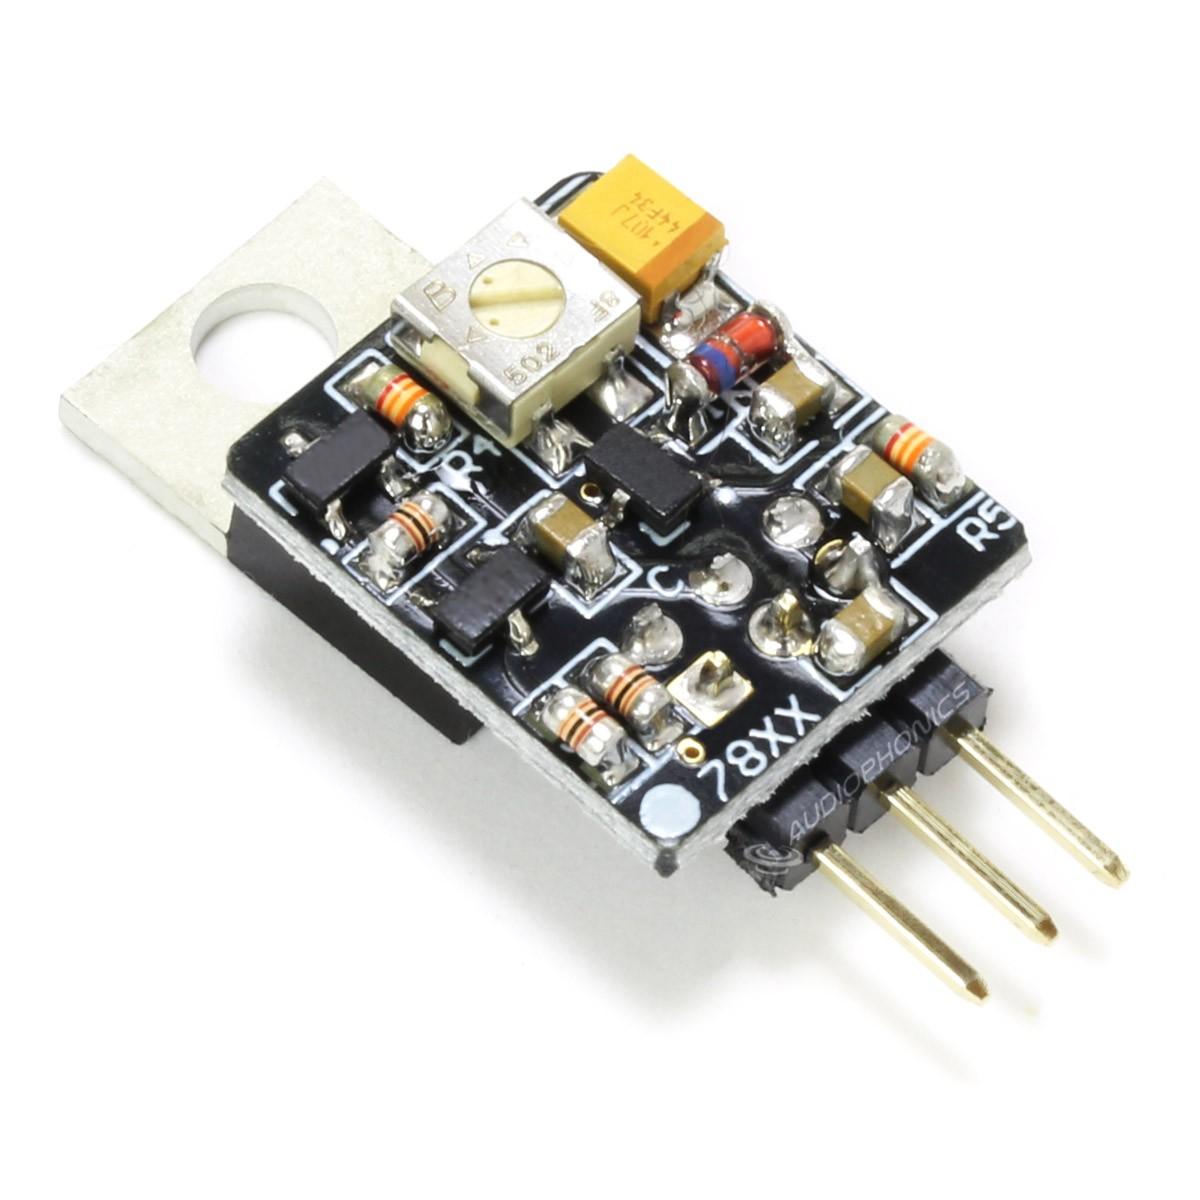 Adjustable Discrete Voltage Regulator LM7805 +5V / +12V